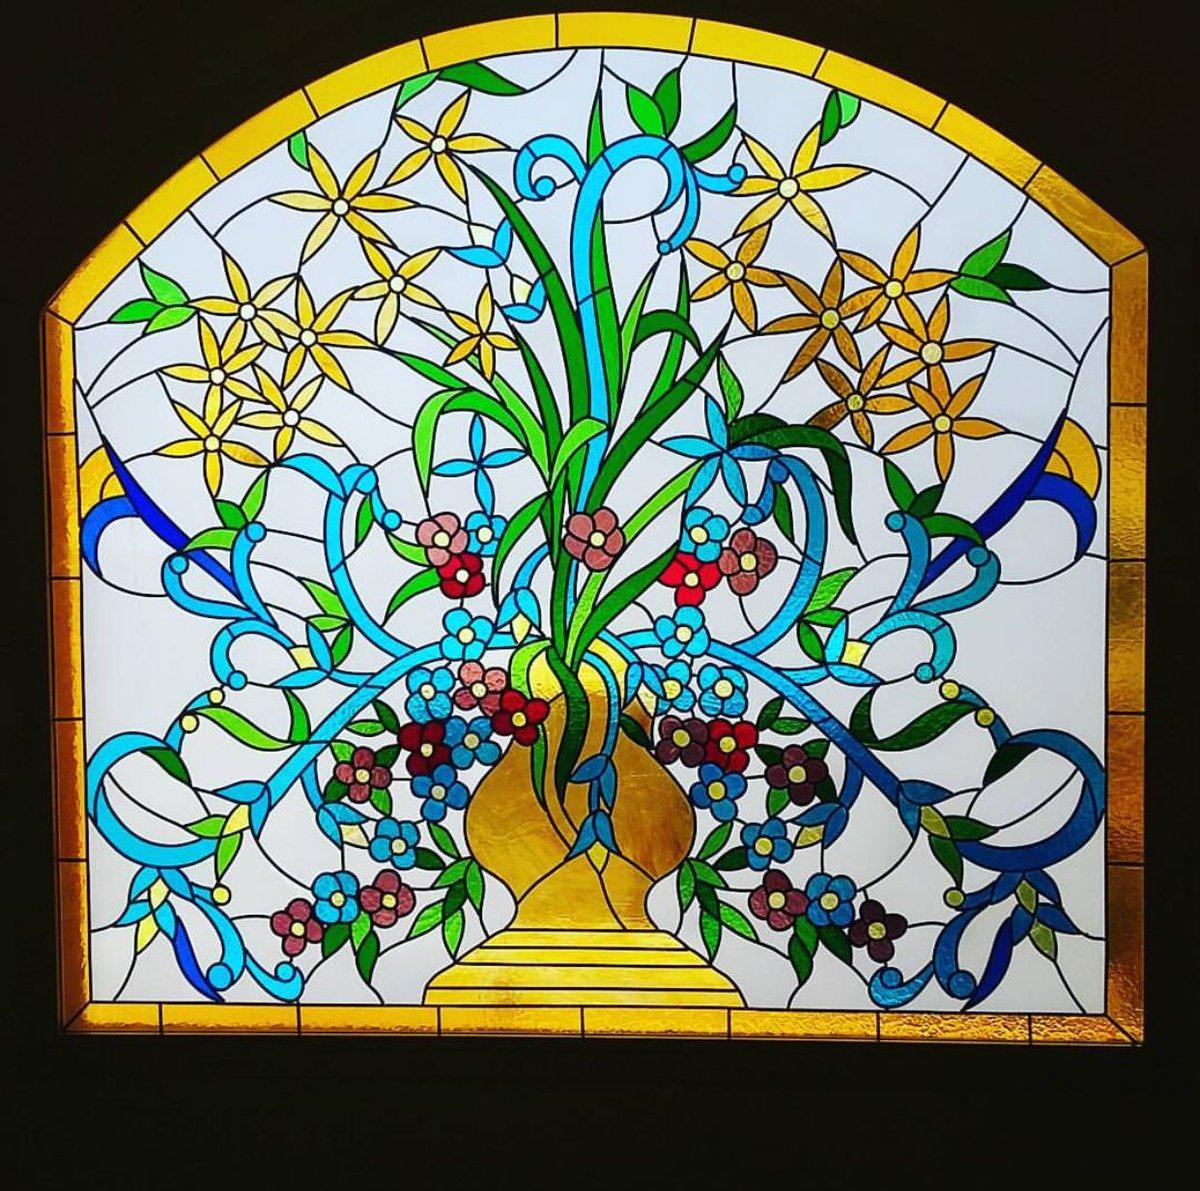 بالصور فن الرسم على الزجاج بالصور , تعرف علي طريقة الرسم علي الزجاج 13769 6